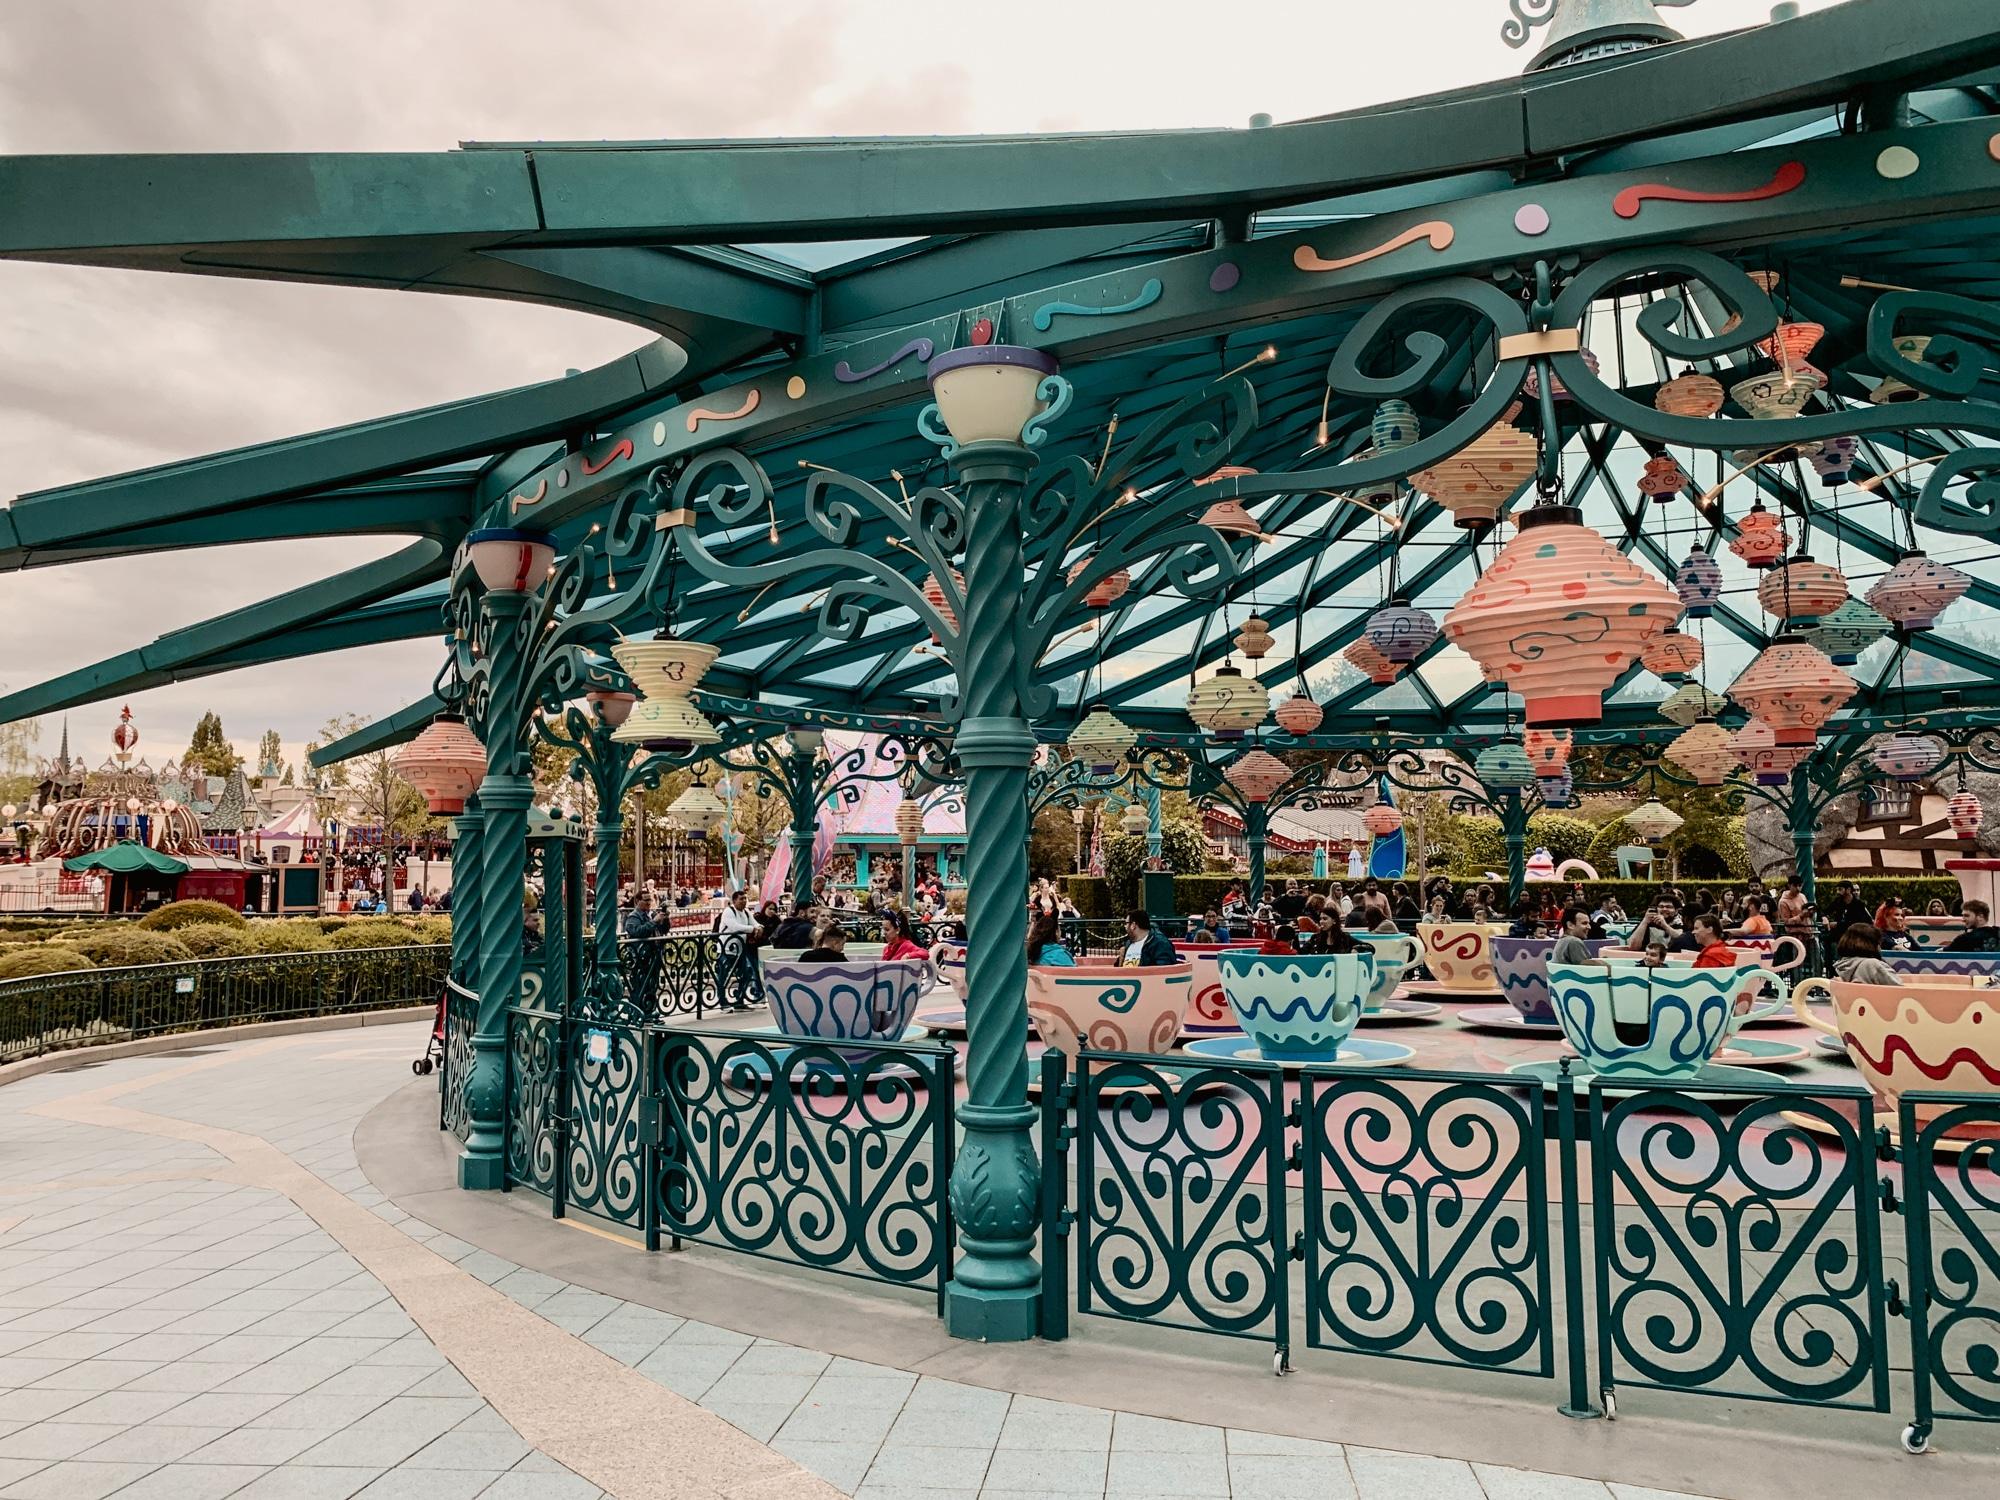 Disneyland Paris Tipps: 10 tolle Hacks für den glücklichsten Ort der Welt - Teetassen